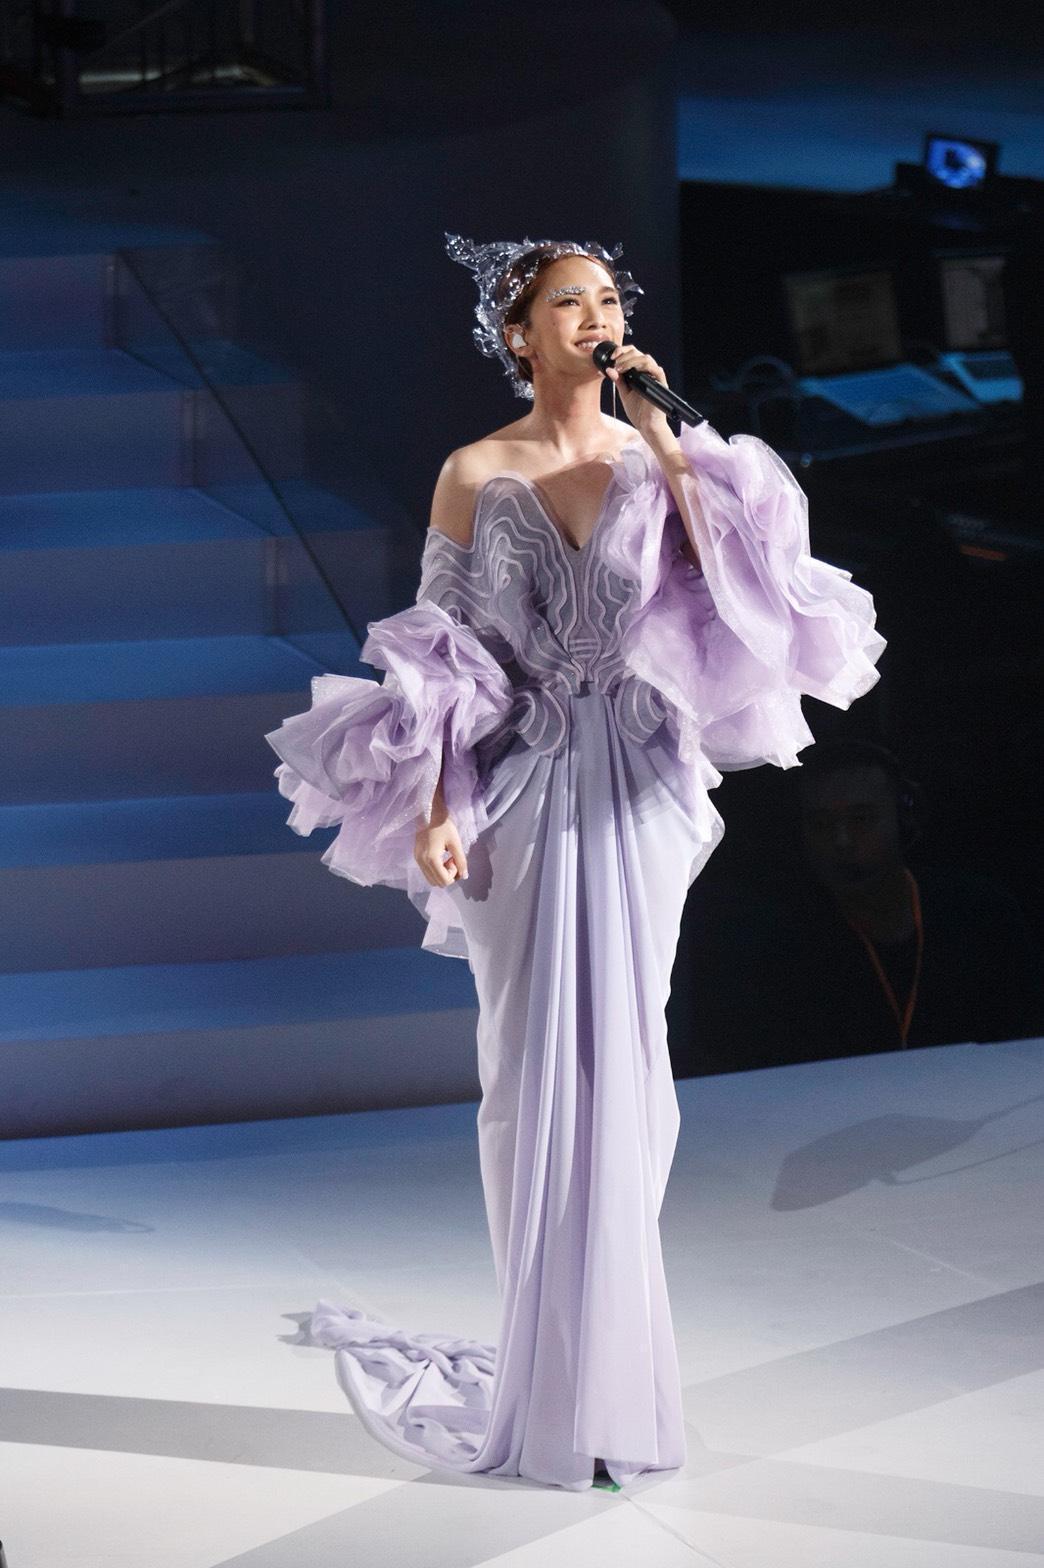 楊丞琳是廣東人,卻第一次到廣州舉行演唱會,感觸特別多。(台灣太陽娛樂提供)